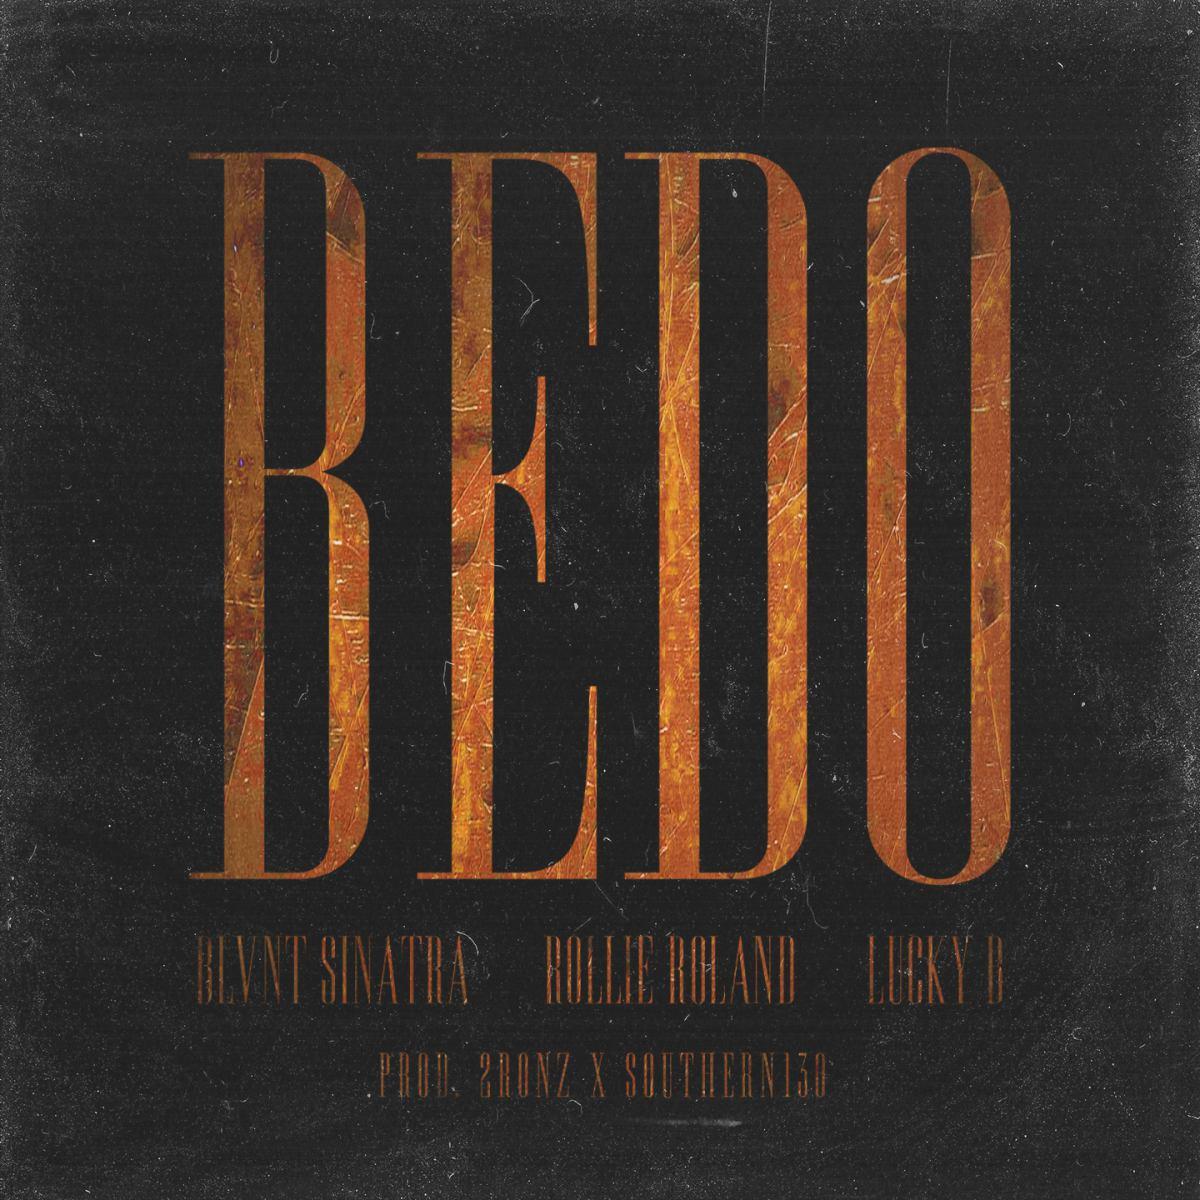 Il collettivo 92 Empire pubblica il nuovo singolo Bedo